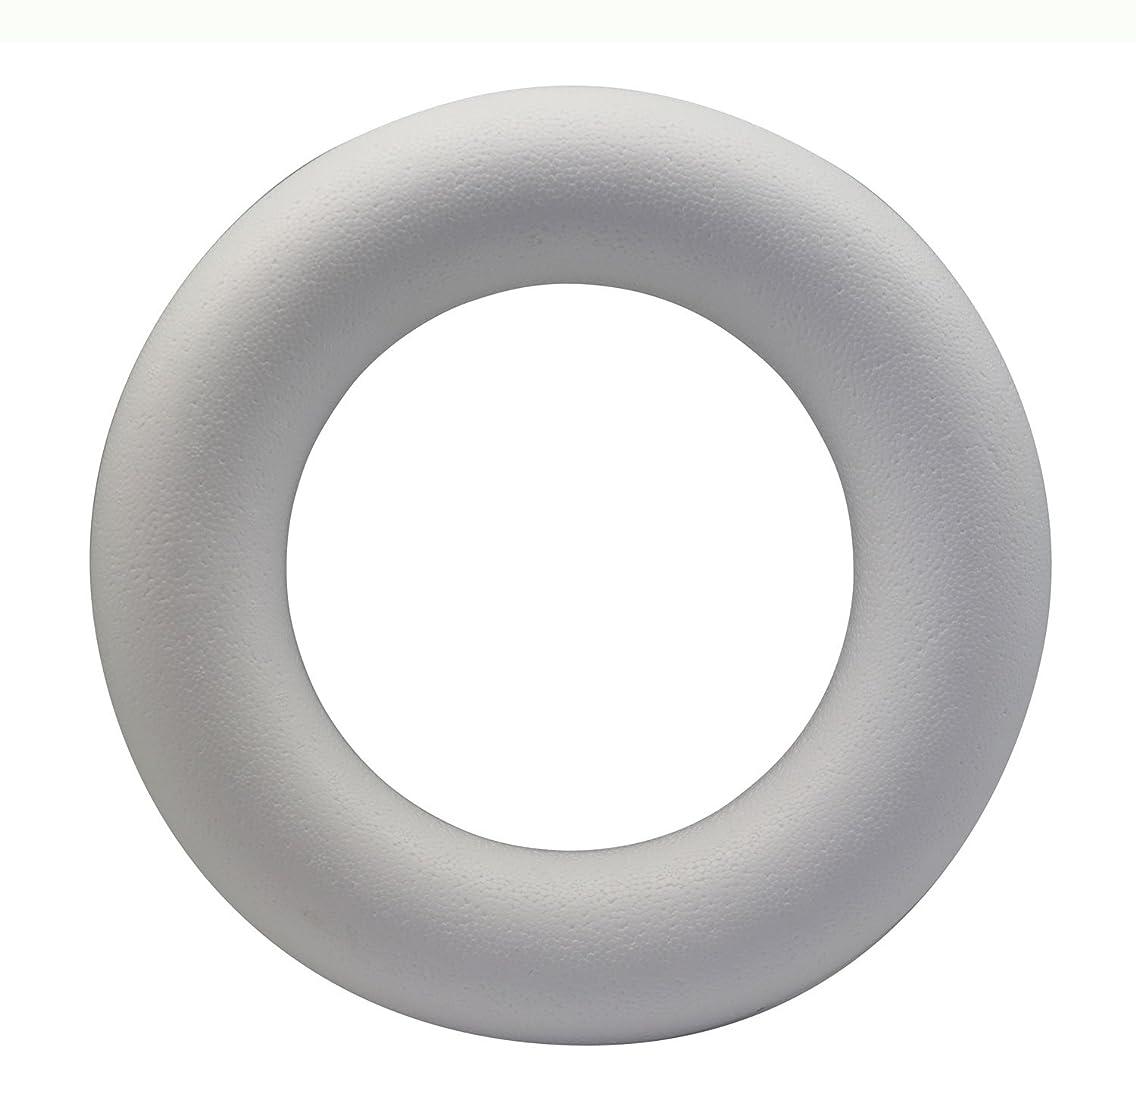 Glorex 3803?833?6?Styrofoam Half Ring Styrofoam, White, 30?x 30?x 4?cm